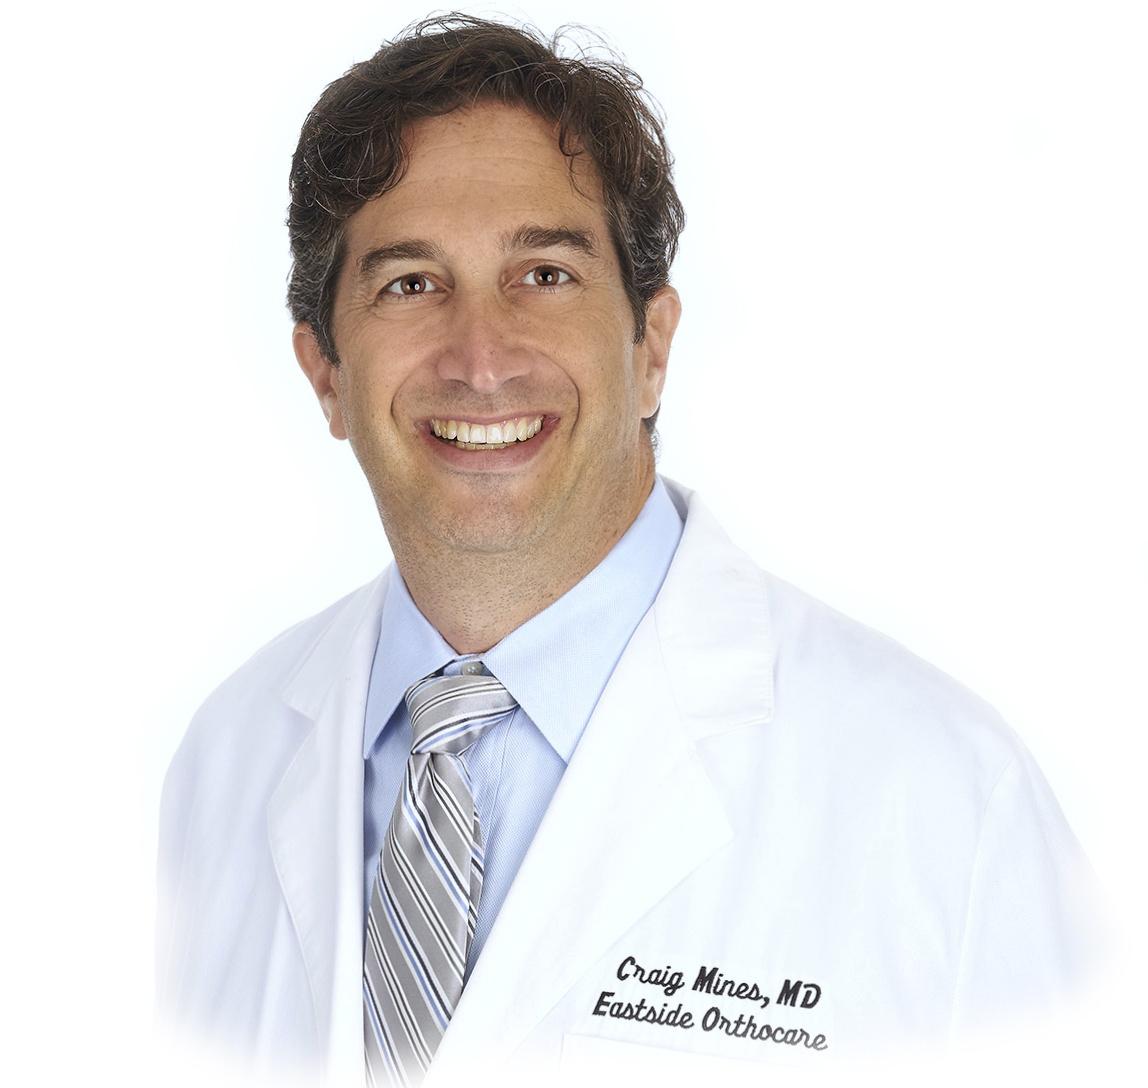 Dr. Craig Mines - Orthopedic Surgeon